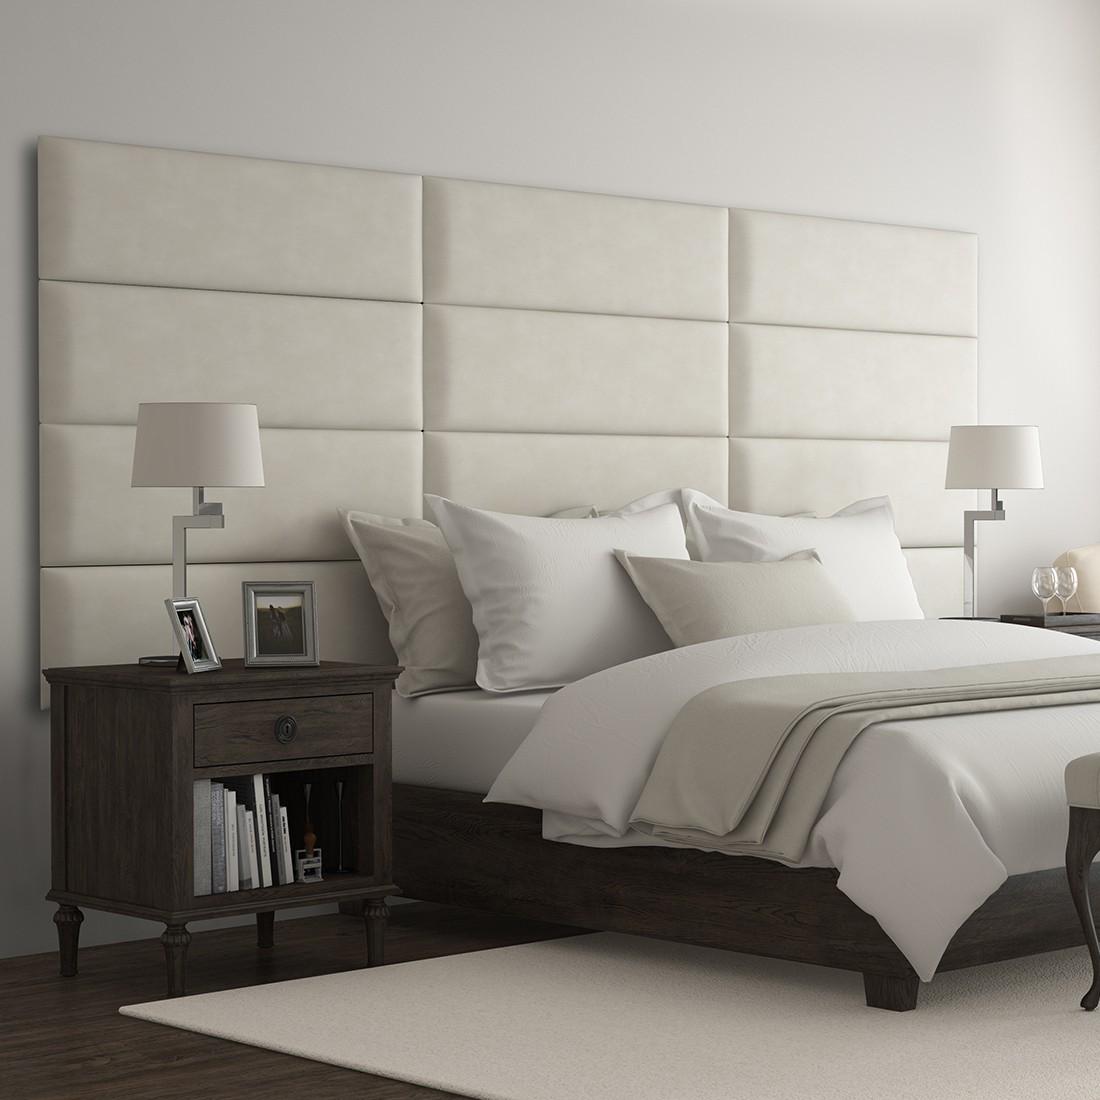 Decoration Murale Pour Tete De Lit panneau cuir pour tête de lit capitonnée | mur moelleux - panneau décoratif  vant